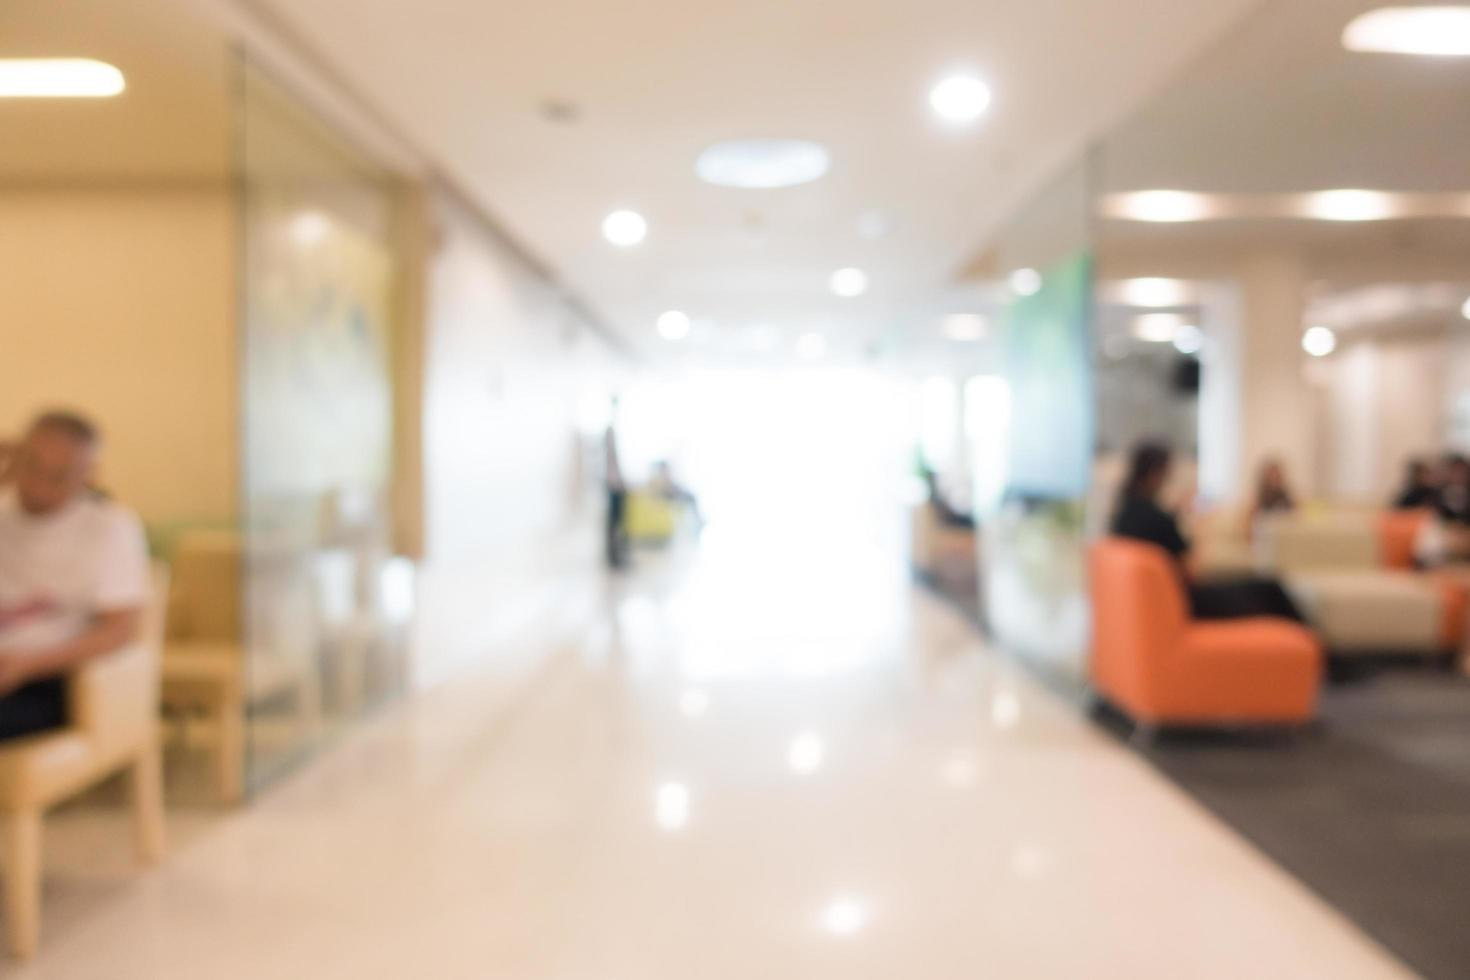 Desenfoque abstracto interior del hospital y la clínica foto